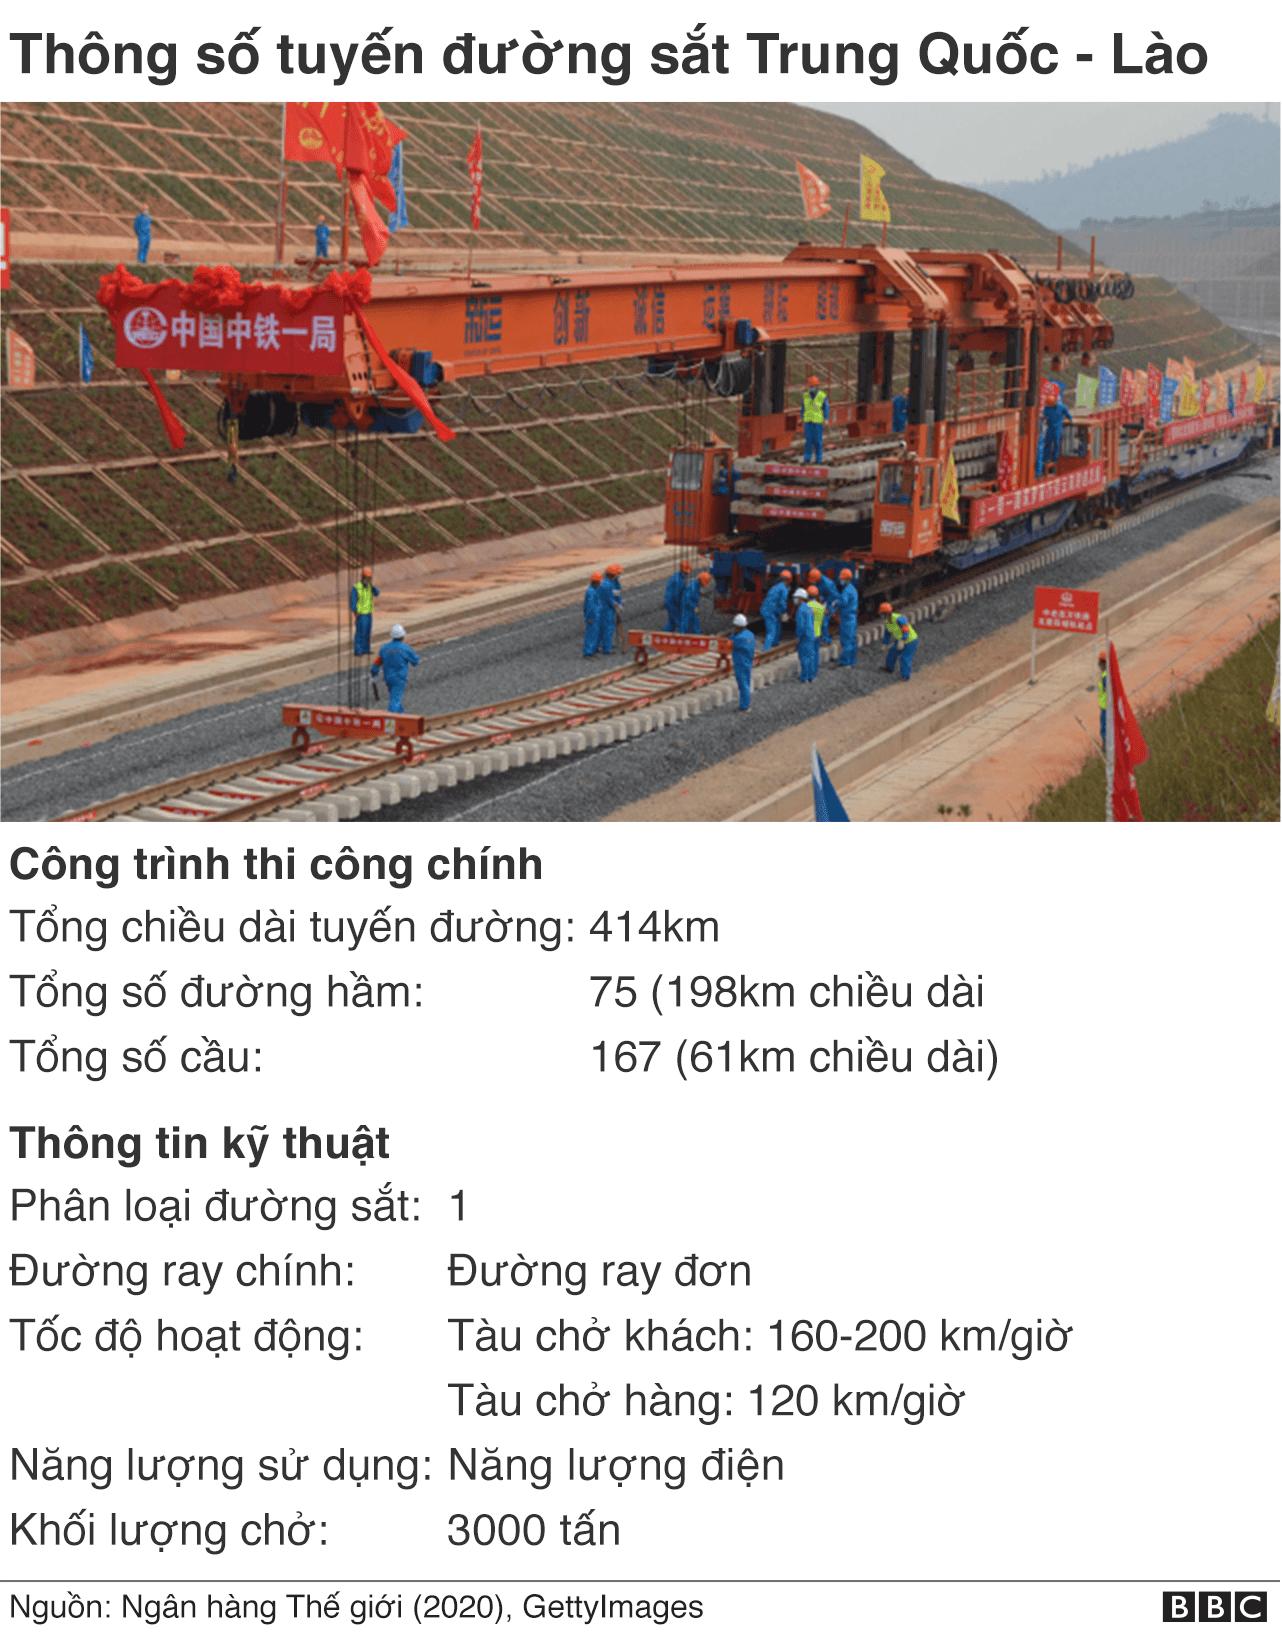 TQ-Lào